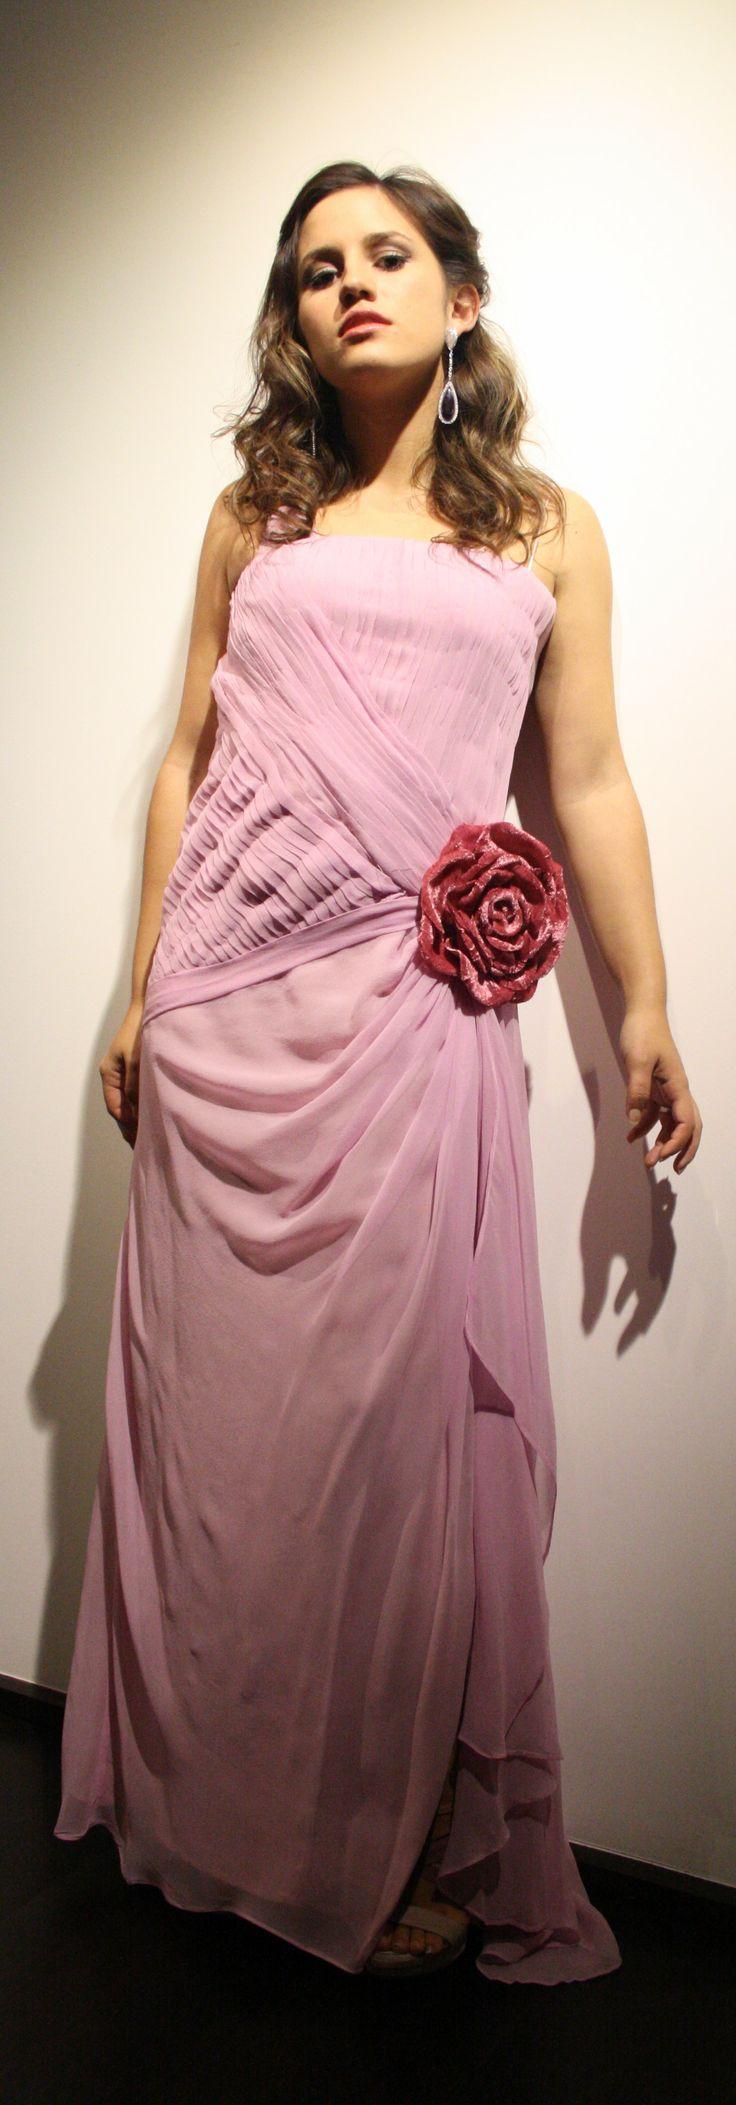 Mejores 17 imágenes de vestidos en Pinterest | Moda de la fiesta ...